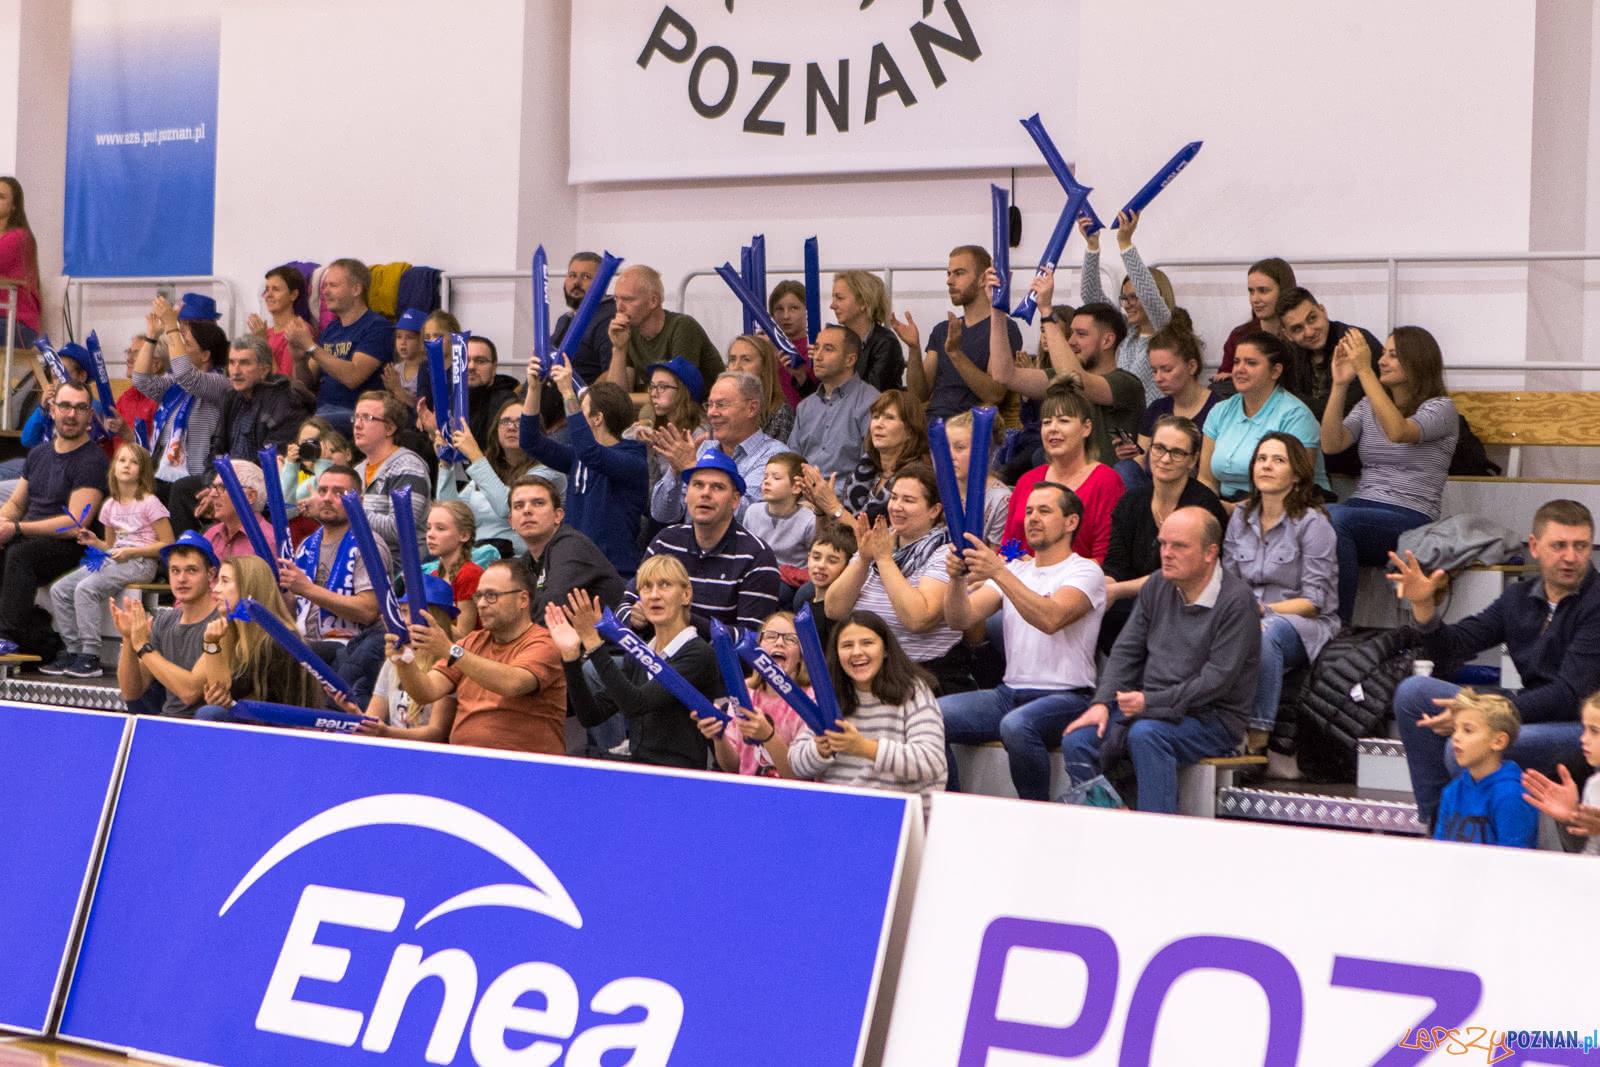 Enea AZS Poznań – Widzew Toruń 81:70 - Poznań 26.10.2018 r.  Foto: LepszyPOZNAN.pl / Paweł Rychter